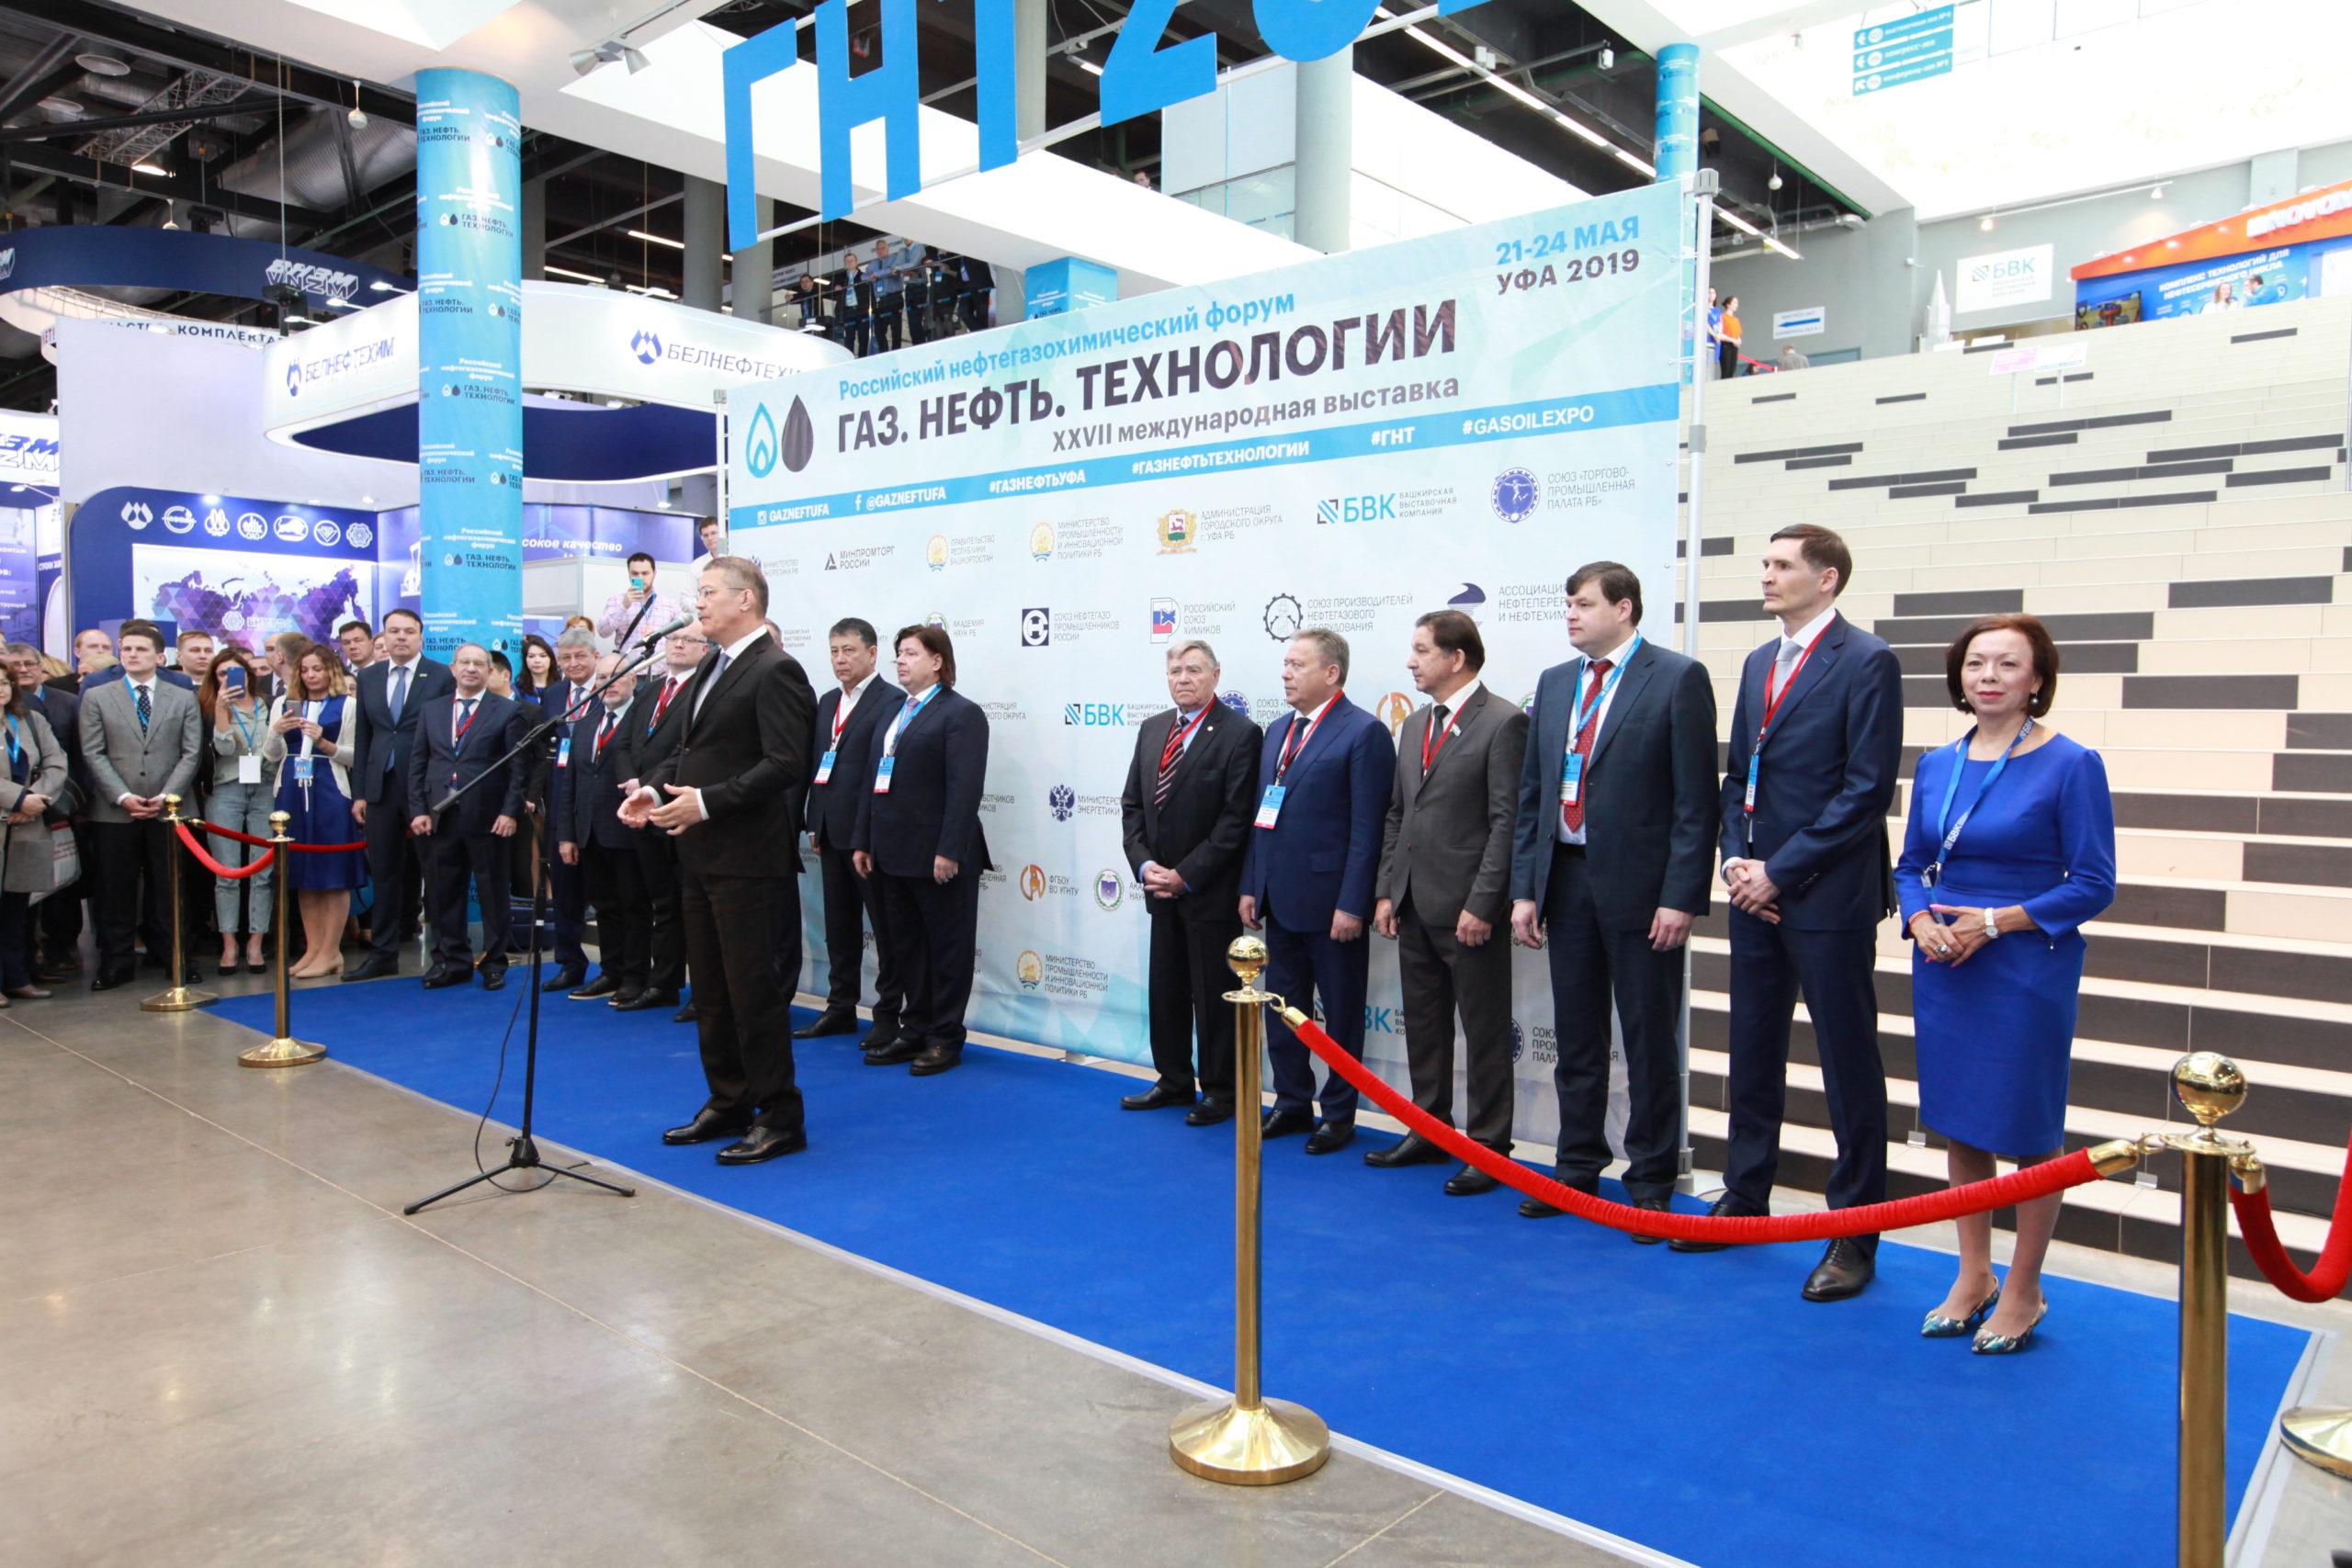 Открытие нефтегазохимического форума и выставки «Газ. Нефть.  Технологии»